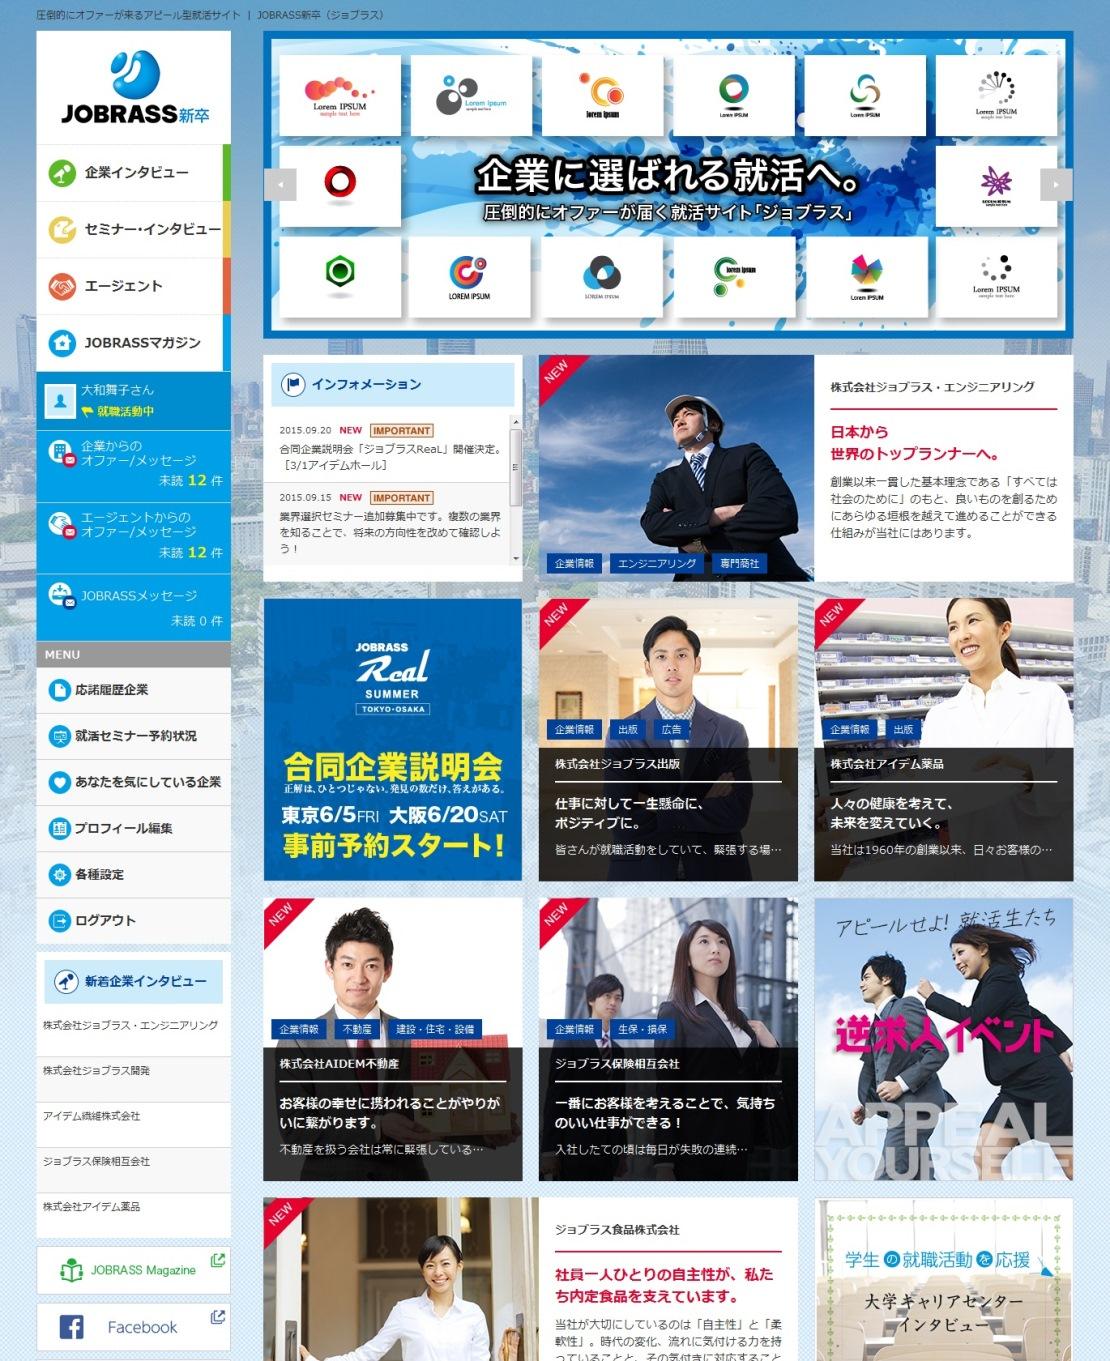 アピール型就職活動サイト『JOBRASS新卒』オープン